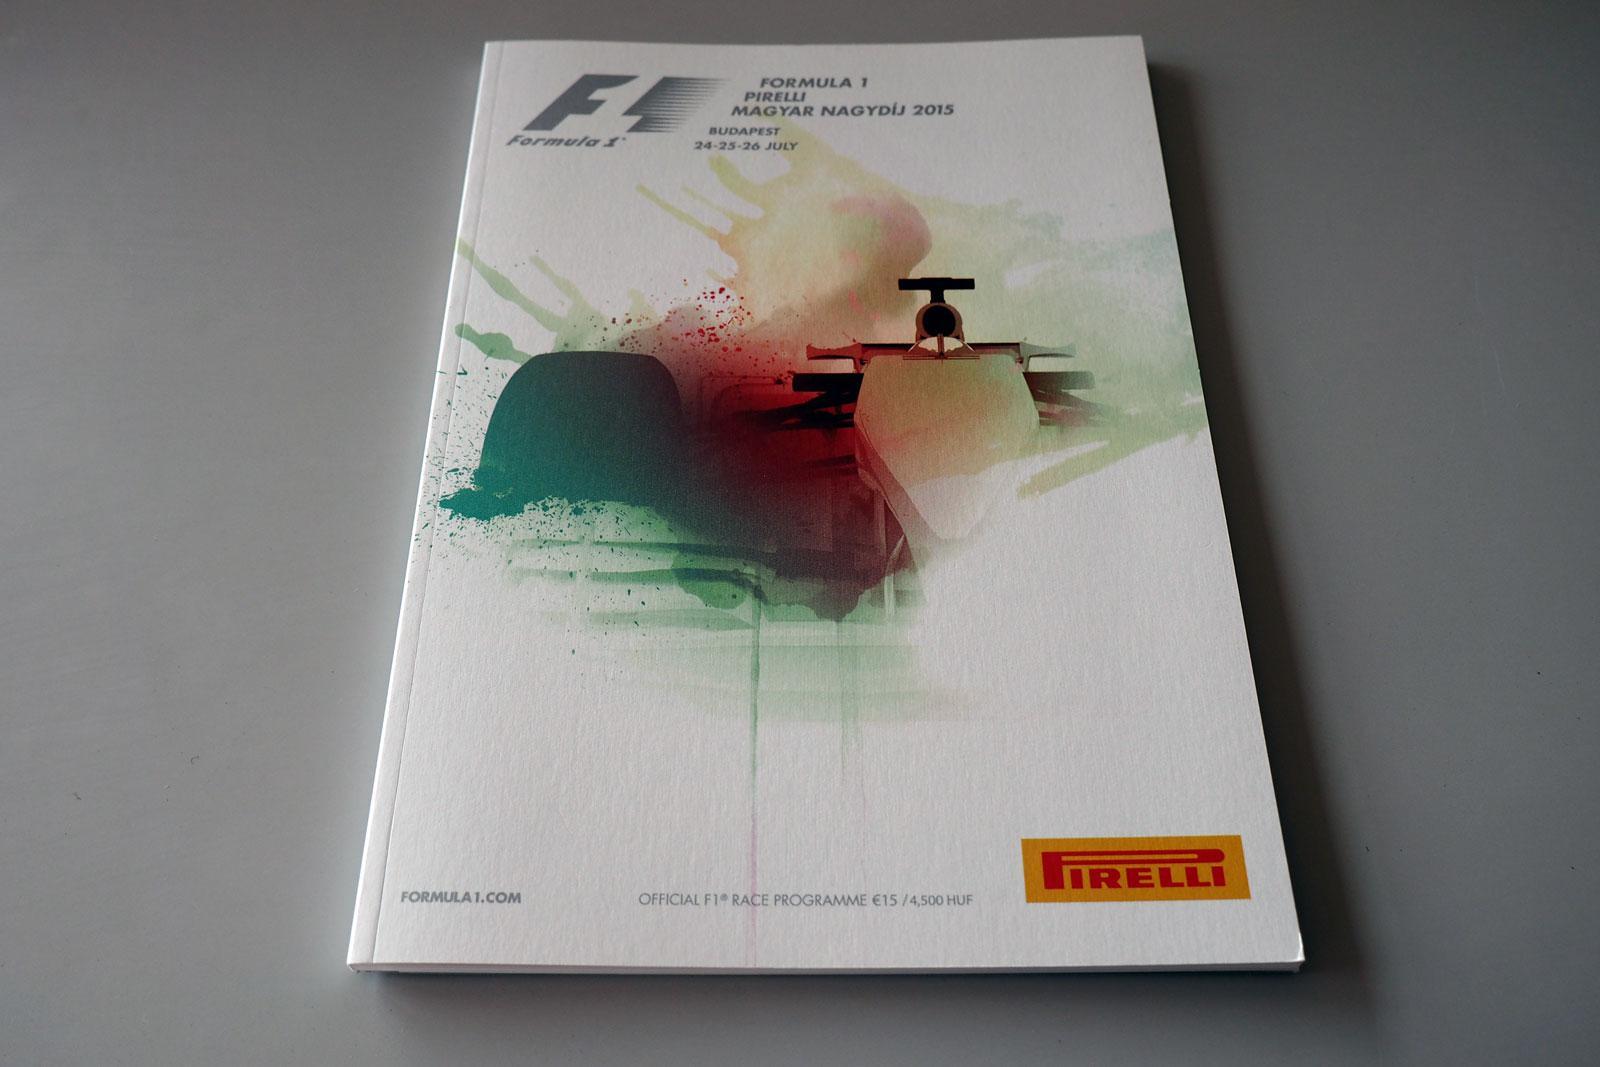 【限定販売】2015年ハンガリーGPオフィシャルプログラム